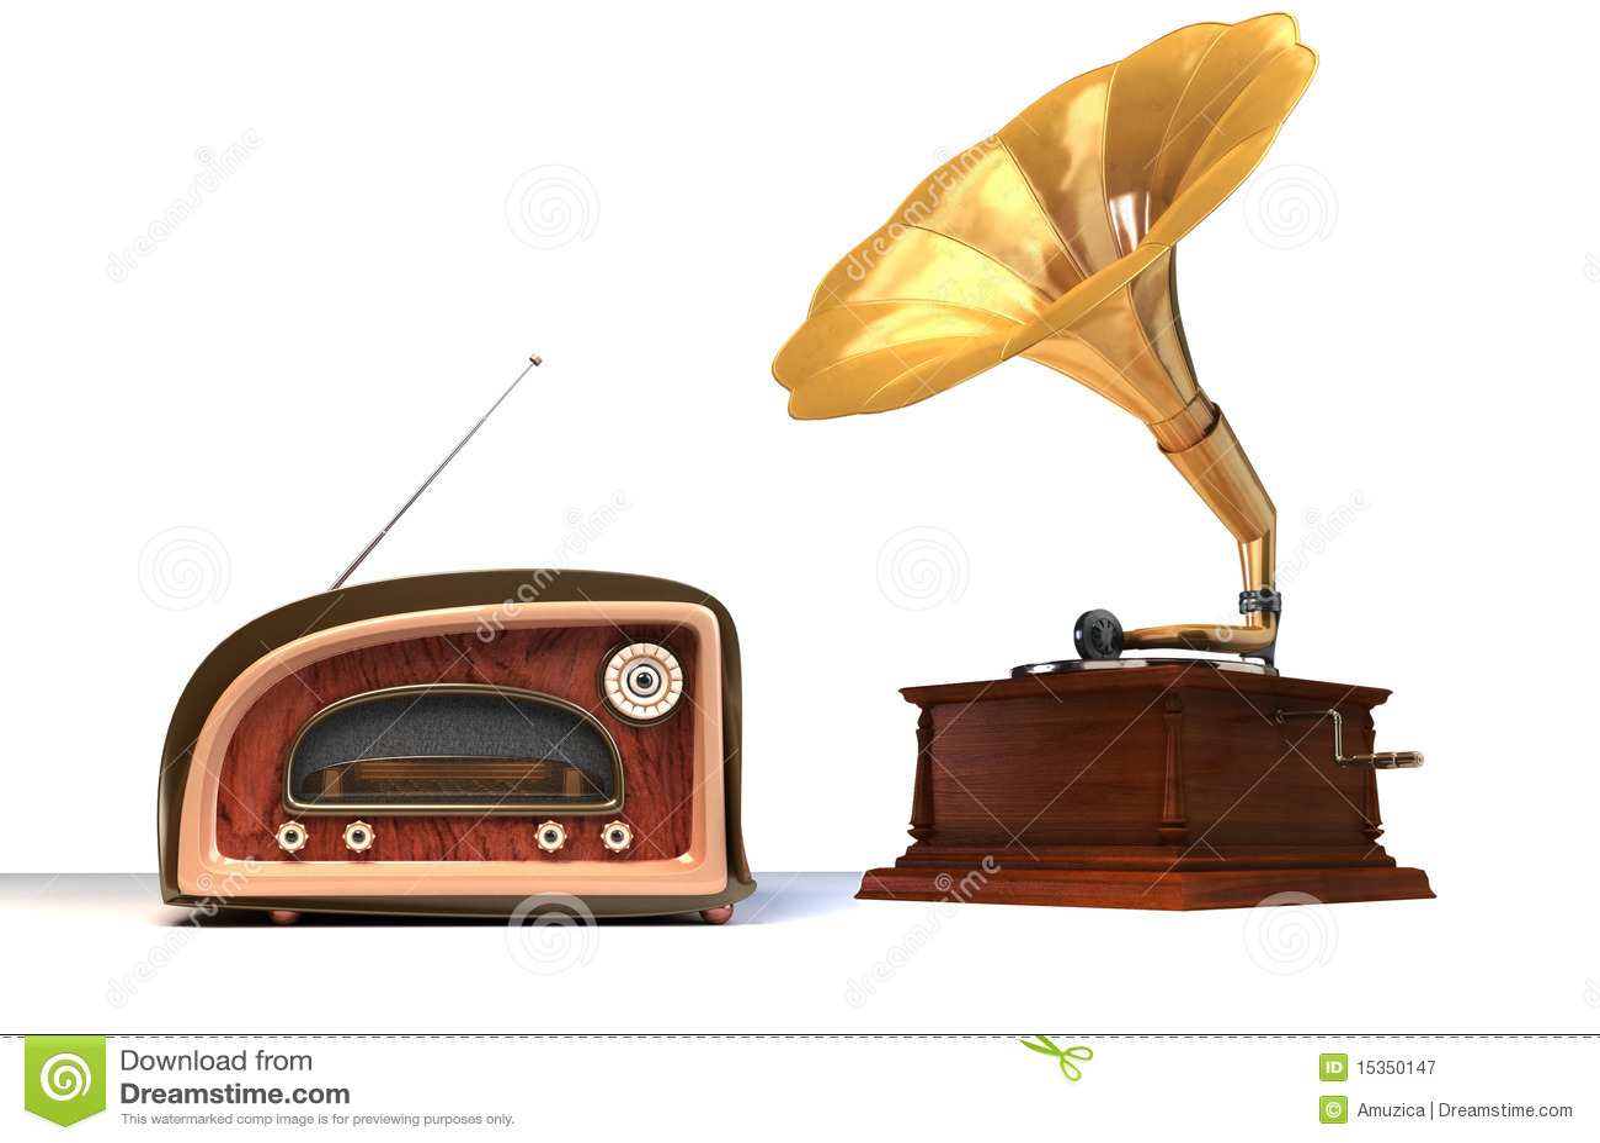 alte sachen stock abbildung bild von megaphon grammophon 15350147. Black Bedroom Furniture Sets. Home Design Ideas